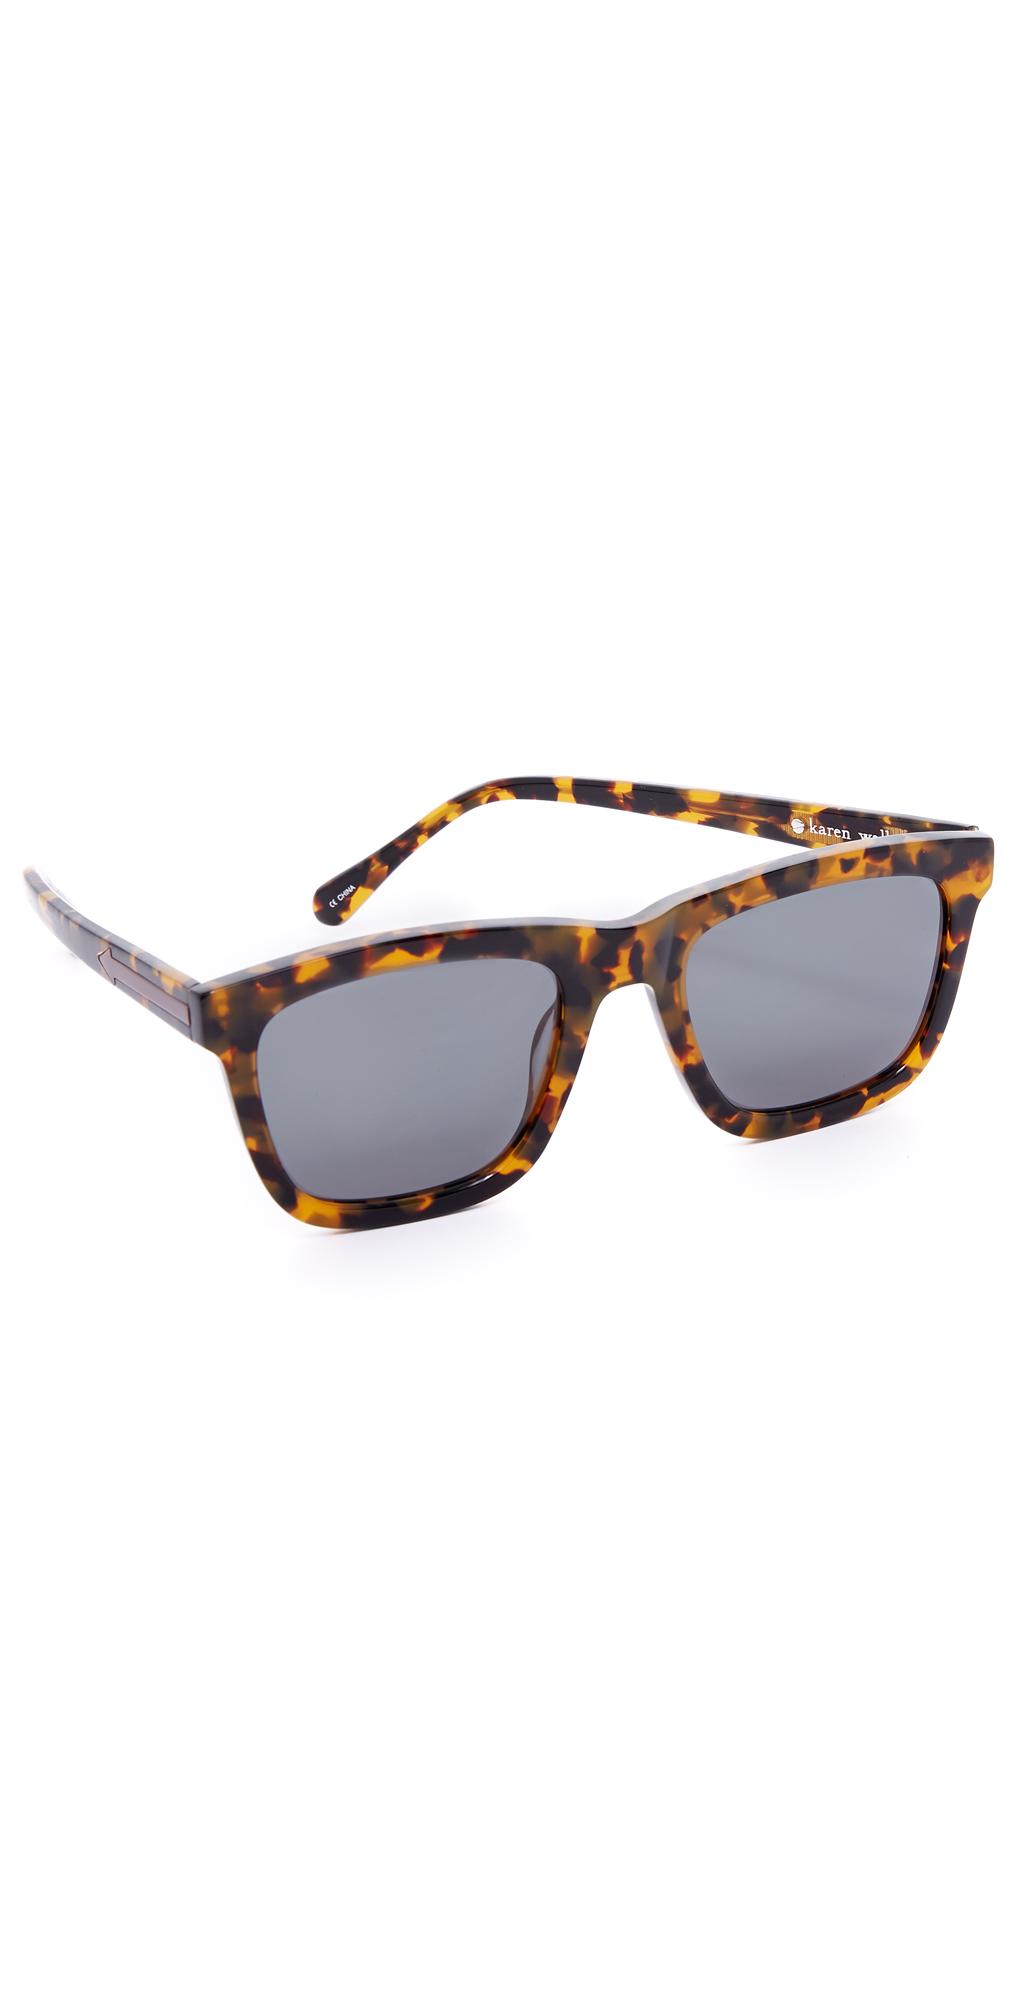 SFX Replacement Sunglass Lenses fits Karen Walker Deep Freeze 54mm Wide  Sunglasses & Eyewear Accessories Men